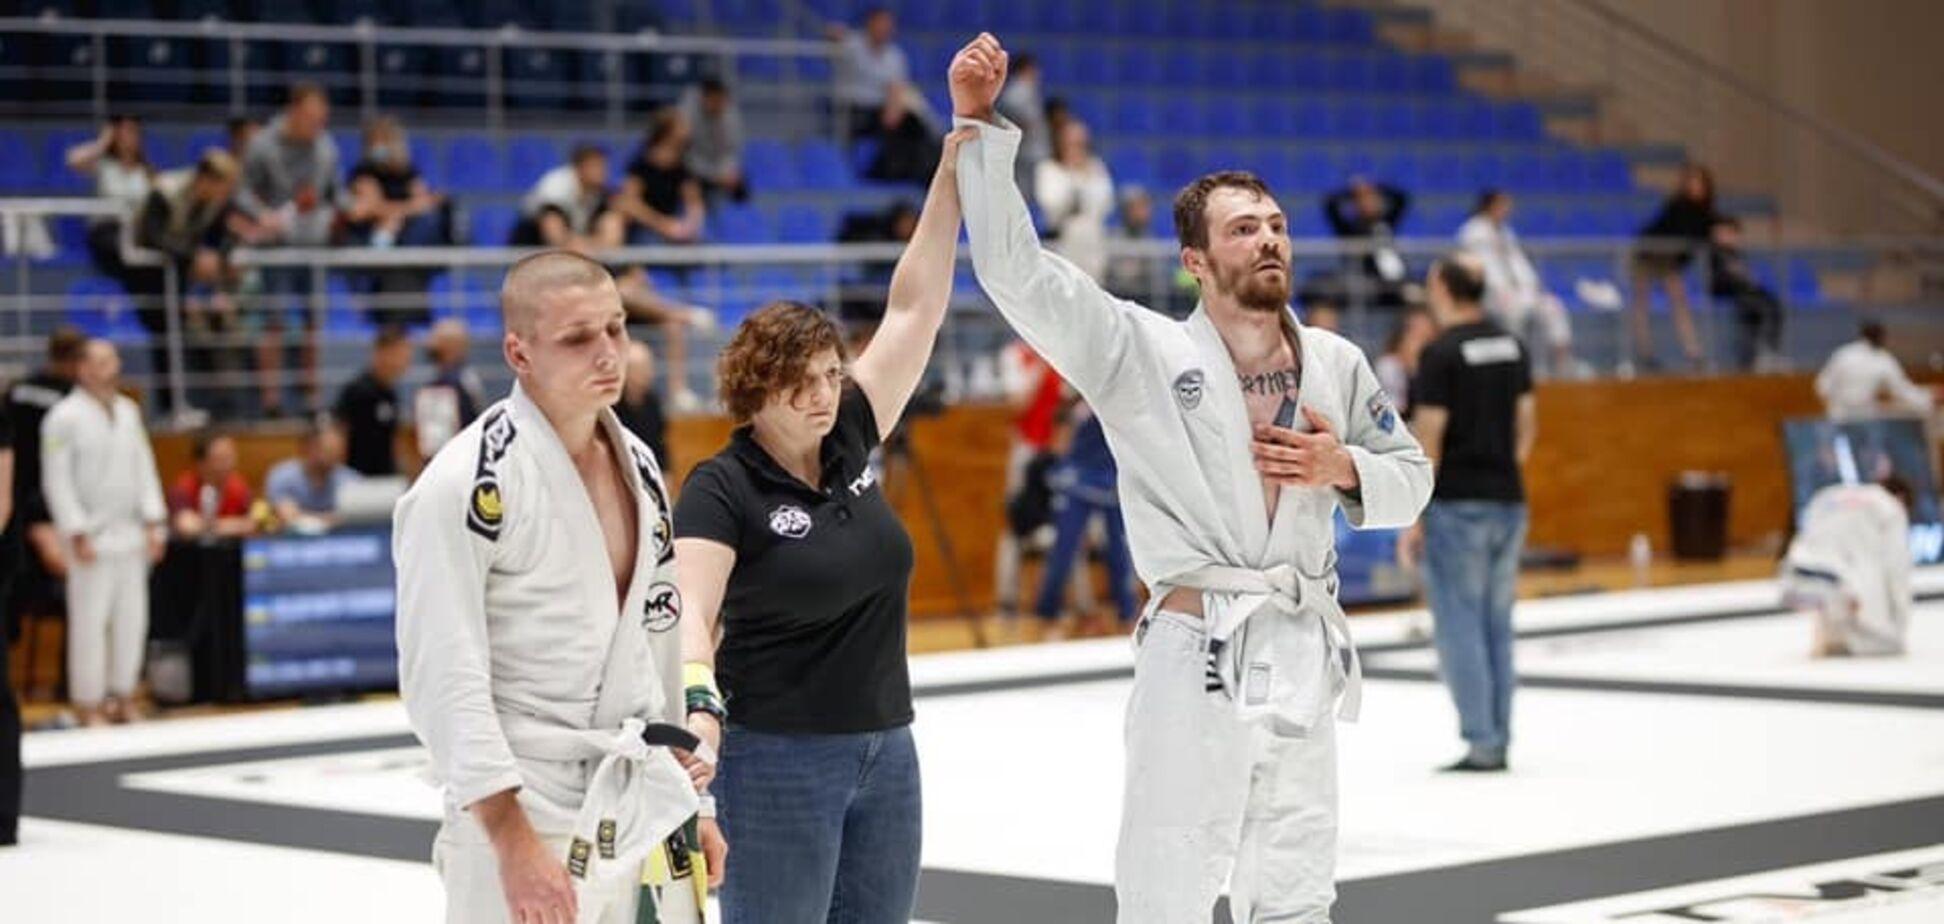 У Запоріжжі стартує великий турнір з джиу-джицу